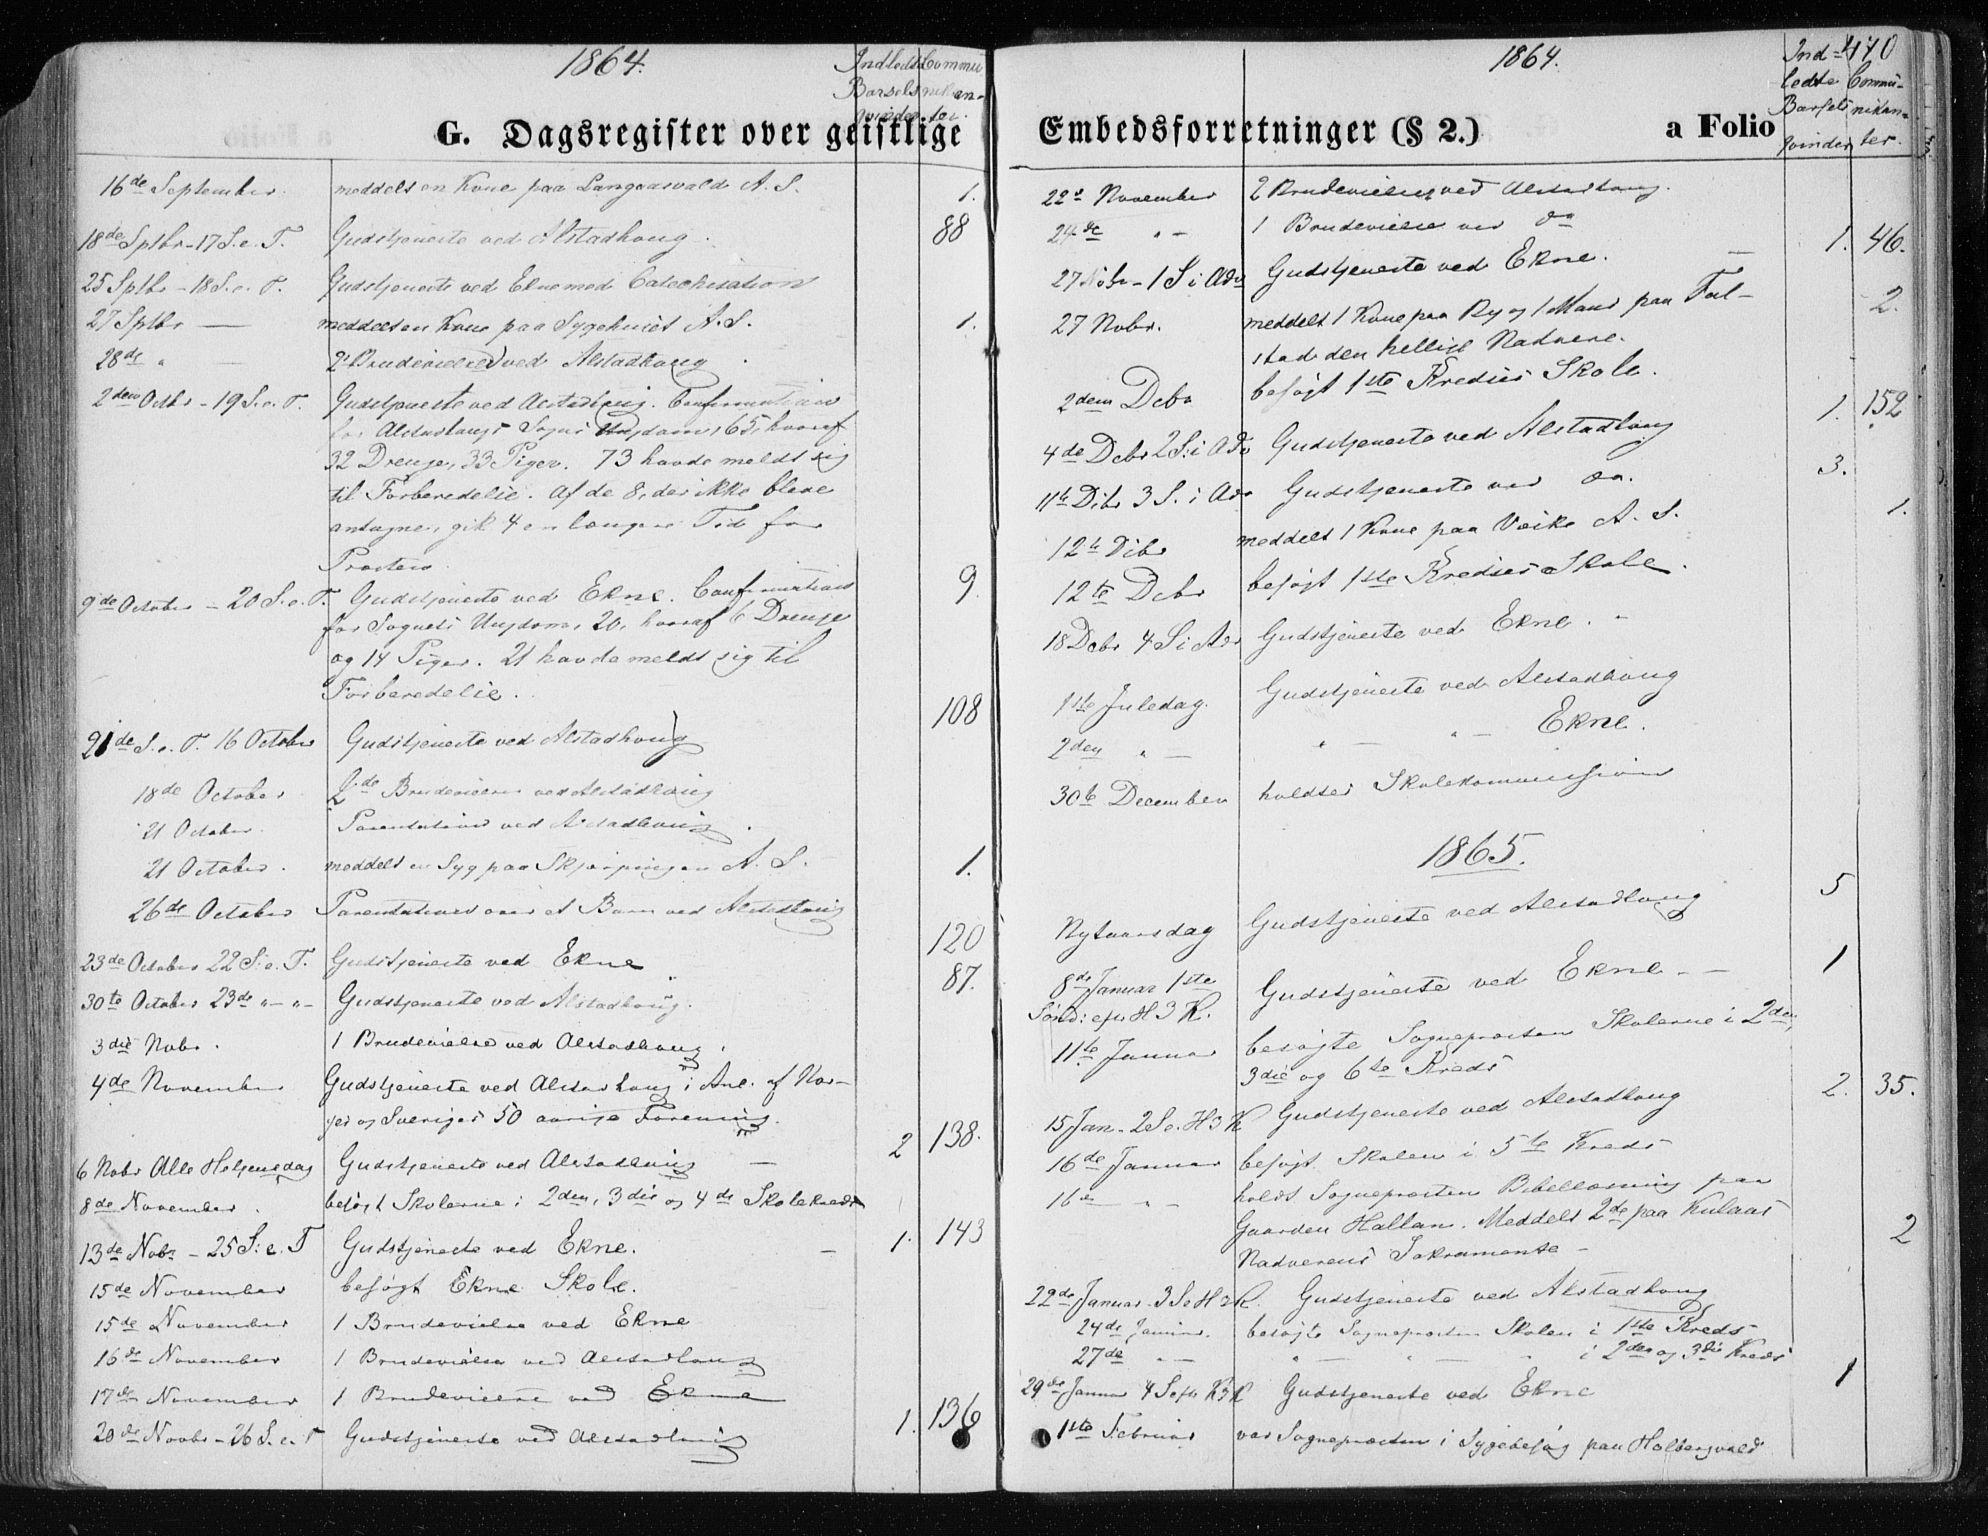 SAT, Ministerialprotokoller, klokkerbøker og fødselsregistre - Nord-Trøndelag, 717/L0157: Ministerialbok nr. 717A08 /1, 1863-1877, s. 470